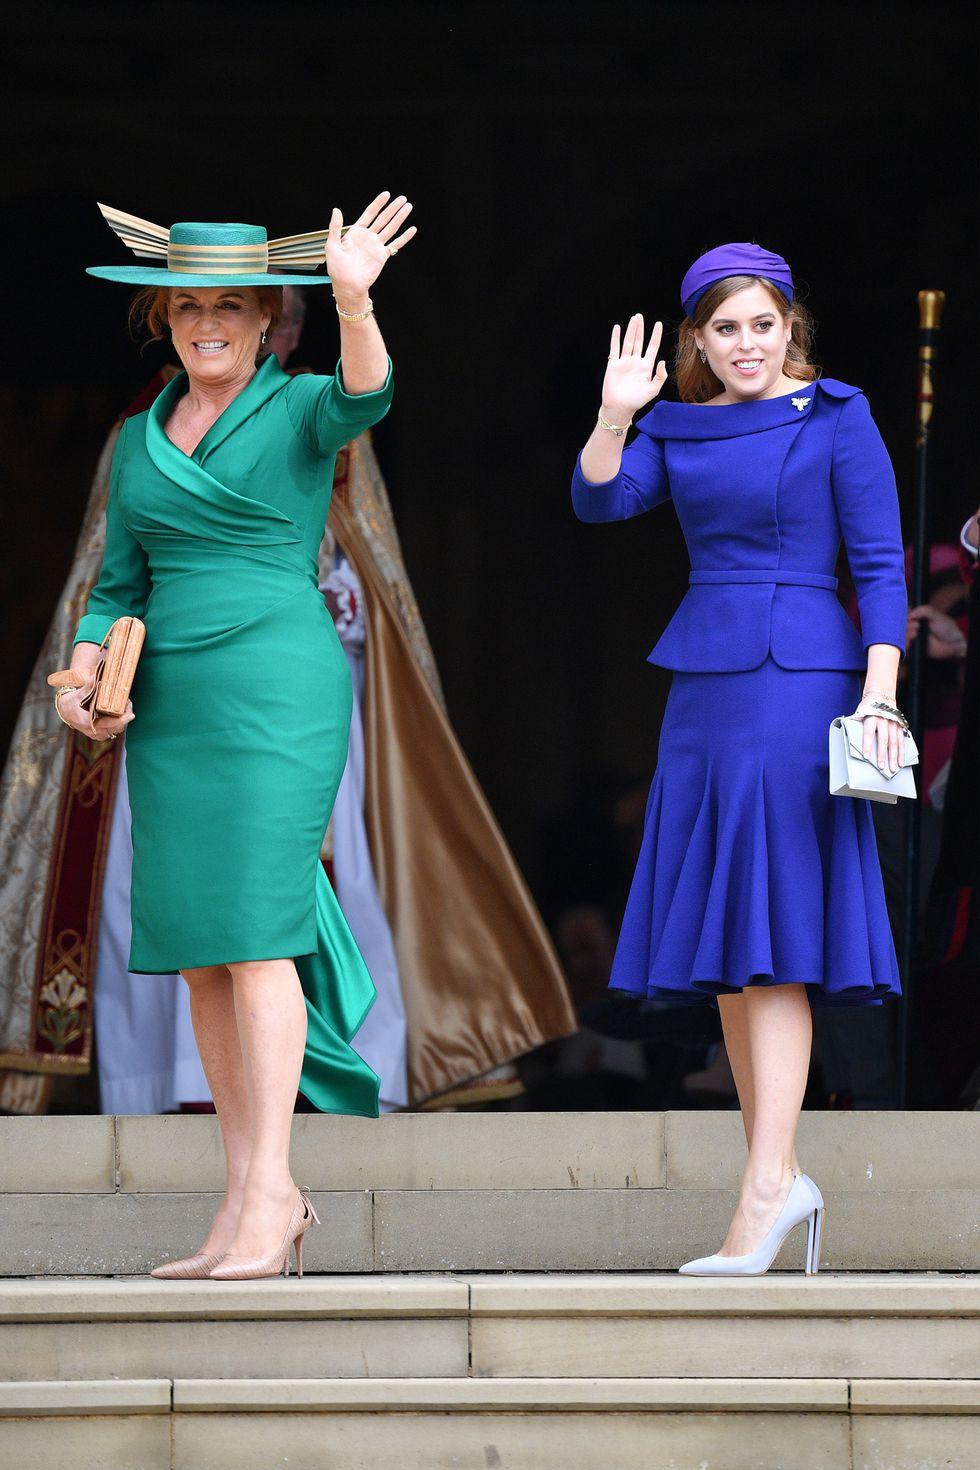 Đám cưới Công chúa Eugenie: Cara Delevingne chơi trội diện đồ nam, làm lu mờ cả Công nương Kate và Meghan - Ảnh 11.